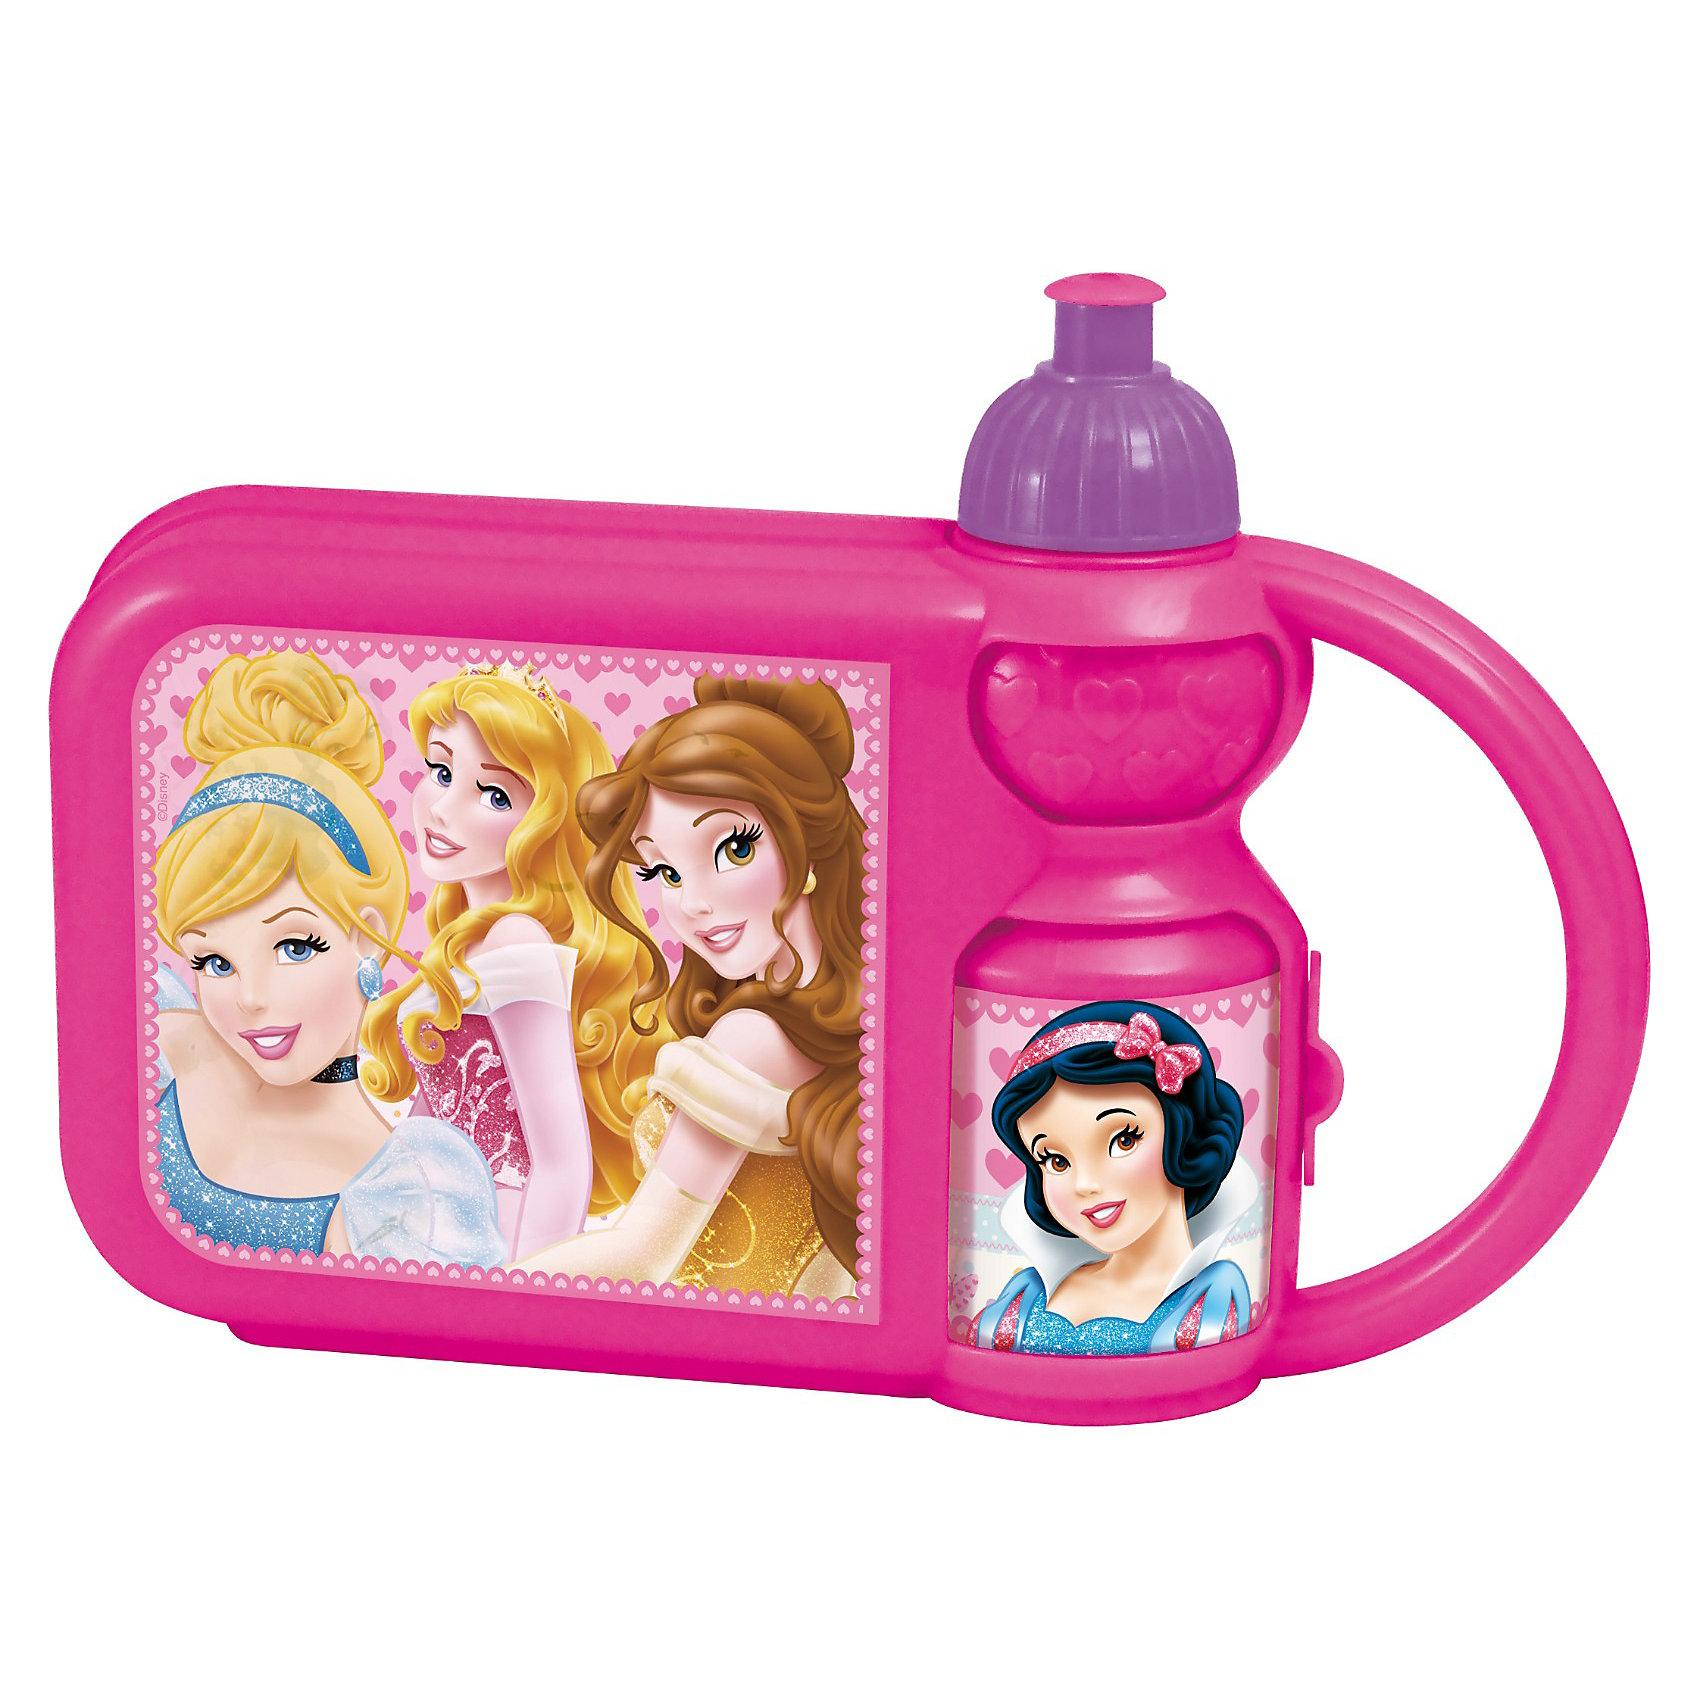 Контейнер для бутербродов с бутылкой (Золушка), ПринцессыКонтейнер для бутербродов с бутылкой (Золушка), Принцессы – замечательно подойдет для школьных завтраков, и будет незаменим в путешествиях.<br>Контейнер для бутербродов с бутылочкой украшенные изображением диснеевских принцесс не оставит равнодушным вашу девочку и будут радовать ее при каждом использовании. В контейнер очень удобно сложить не только бутерброды, но и другую еду. Надежная крышка с защелками исключит выпадение содержимого. Питьевая бутылочка сочетает в себе практичность и непревзойденный стиль. Малышка без труда сможет открывать и закрывать крышку, которая предотвратит проливание напитков. Набор изготовлен из высококачественного нетоксичного пищевого пластика.<br><br>Дополнительная информация:<br><br>- В комплекте: контейнер для бутербродов, бутылка<br>- Материал: пищевой пластик<br>- Размер: 26х13,5х7 см.<br>- Объем бутылки: 350 мл.<br>- Высота бутылки: 18,5 см.<br>- Диаметр бутылки по дну: 6 см.<br>- Не рекомендуется использовать для разогревания пищи в микроволновой печи, а также мыть в посудомоечной машине<br>- Избегайте наливания очень горячих напитков в бутылку<br><br>Контейнер для бутербродов с бутылкой (Золушка), Принцессы можно купить в нашем интернет-магазине.<br><br>Ширина мм: 270<br>Глубина мм: 75<br>Высота мм: 187<br>Вес г: 208<br>Возраст от месяцев: 48<br>Возраст до месяцев: 84<br>Пол: Женский<br>Возраст: Детский<br>SKU: 3535381